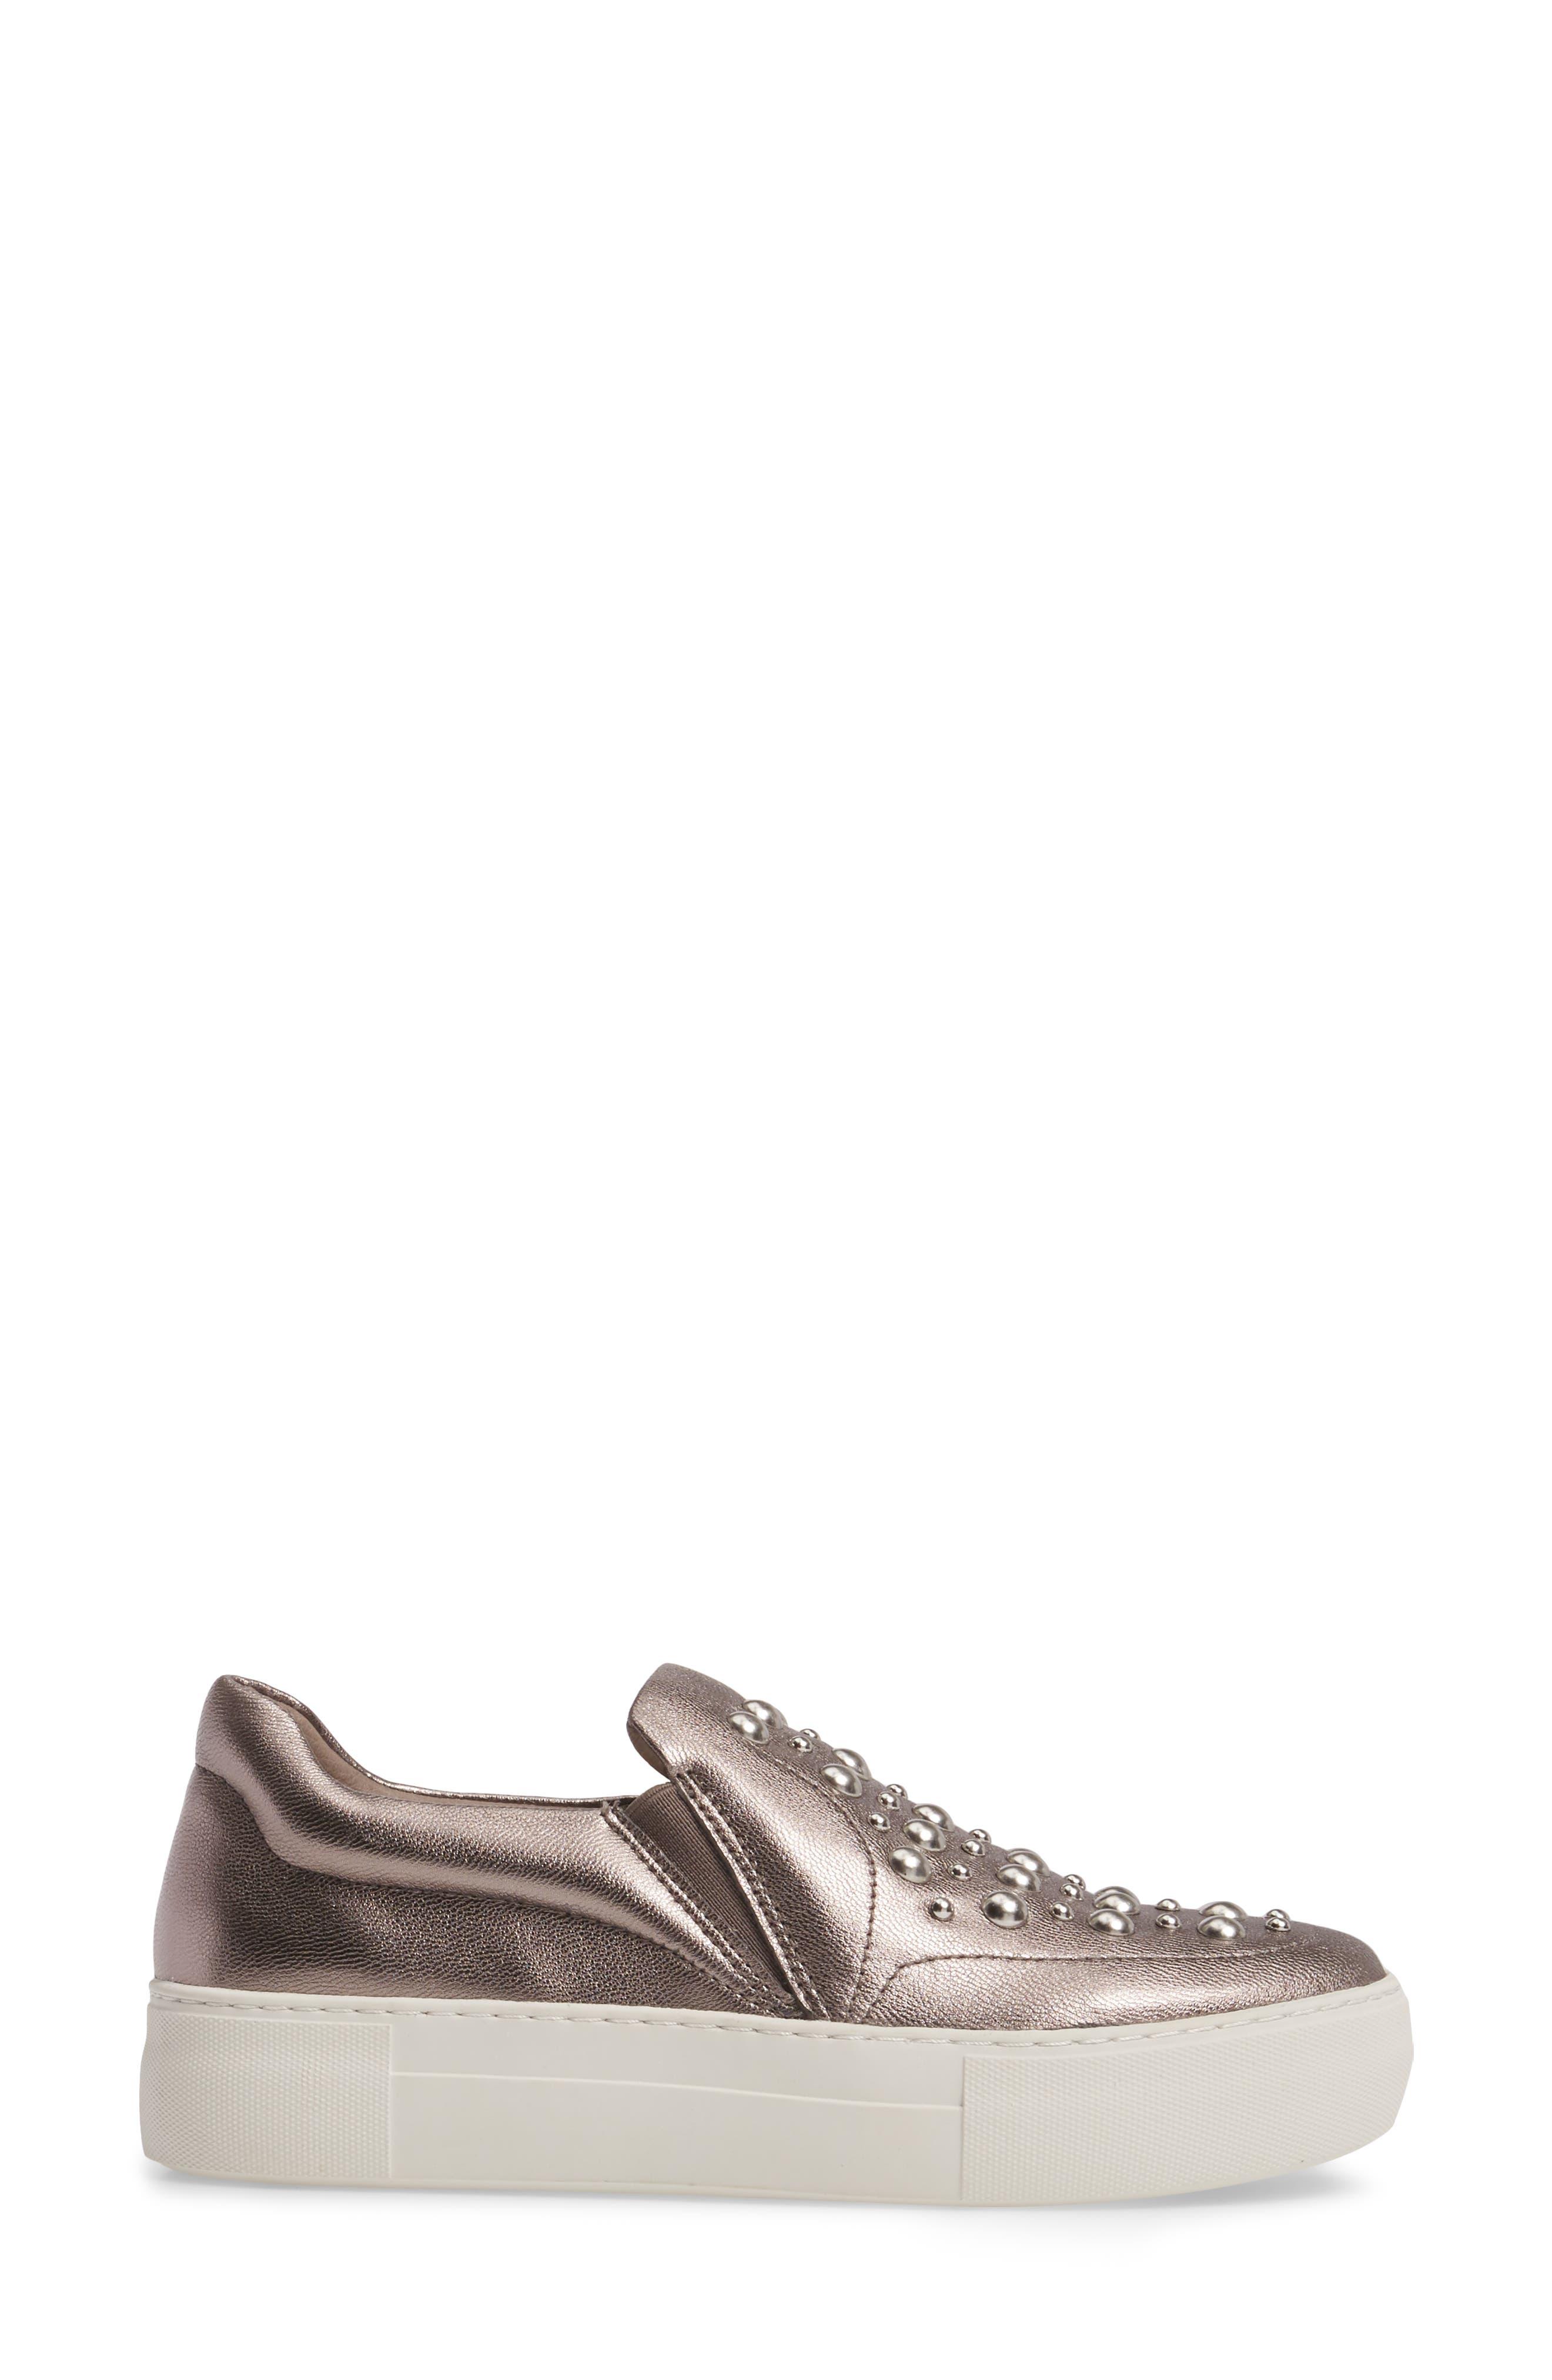 Atom Slip-On Platform Sneaker,                             Alternate thumbnail 3, color,                             Pewter Leather